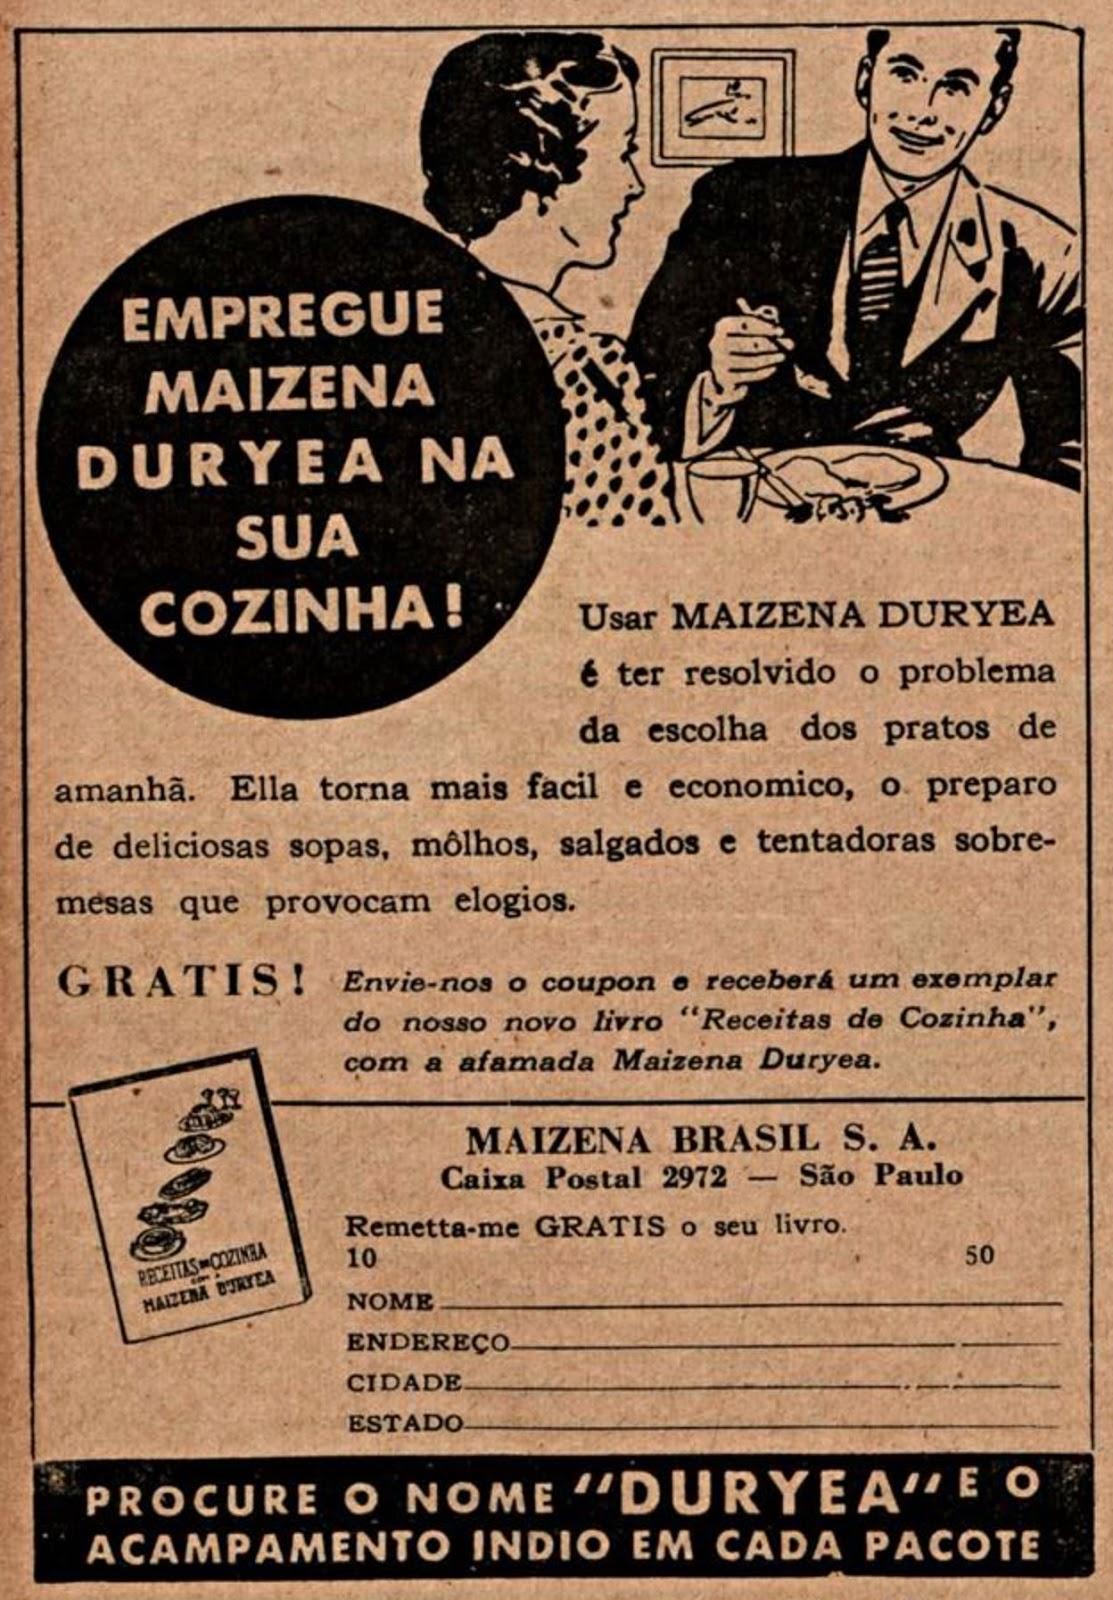 Propaganda antiga da Maizena de 1939 apresentando uma oportunidade de obter livro de receitas